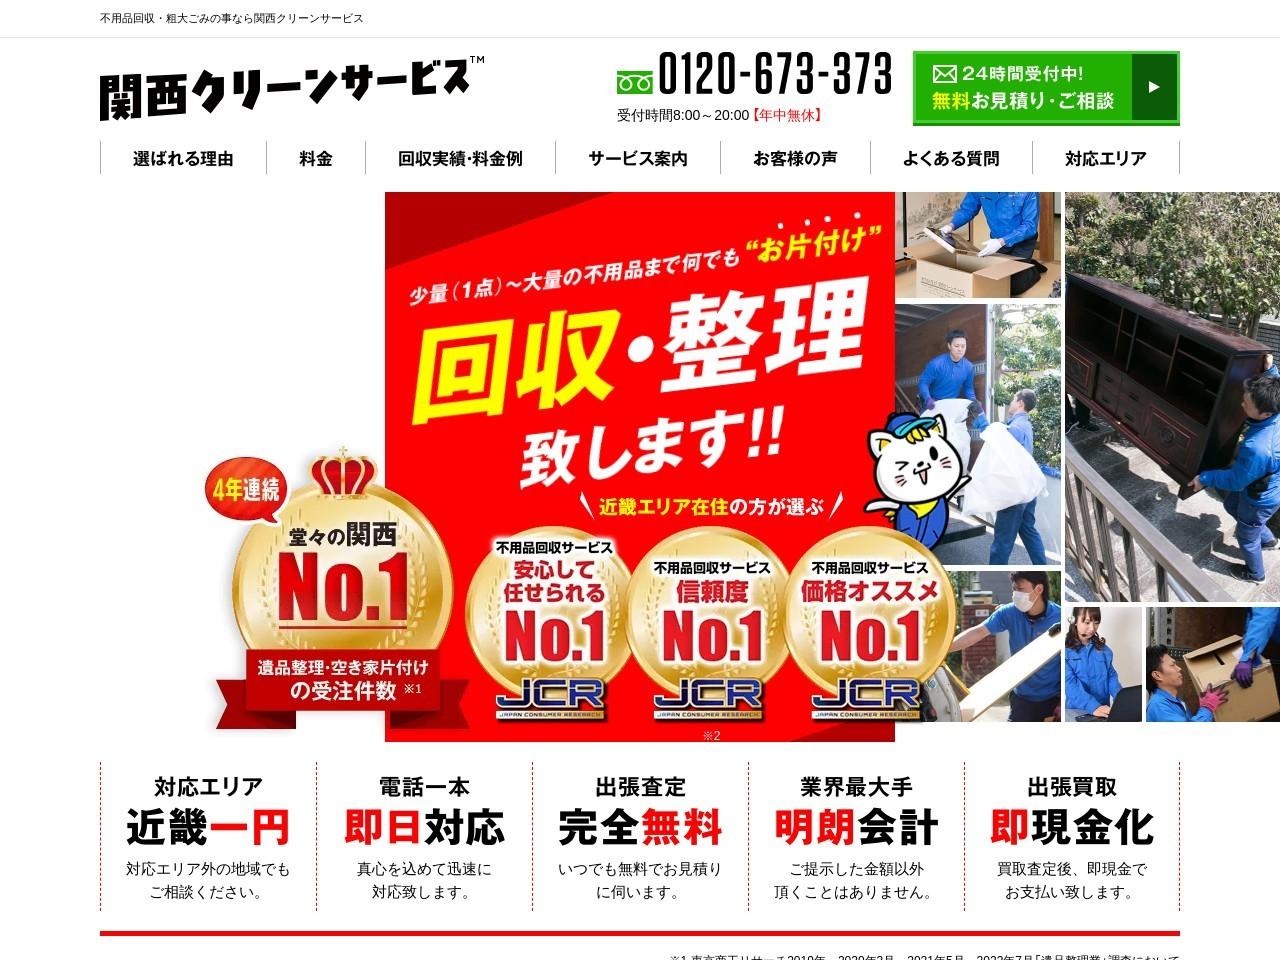 不用品回収、遺品整理、リサイクルなら大阪・京都・奈良対応の関西クリーンサービス